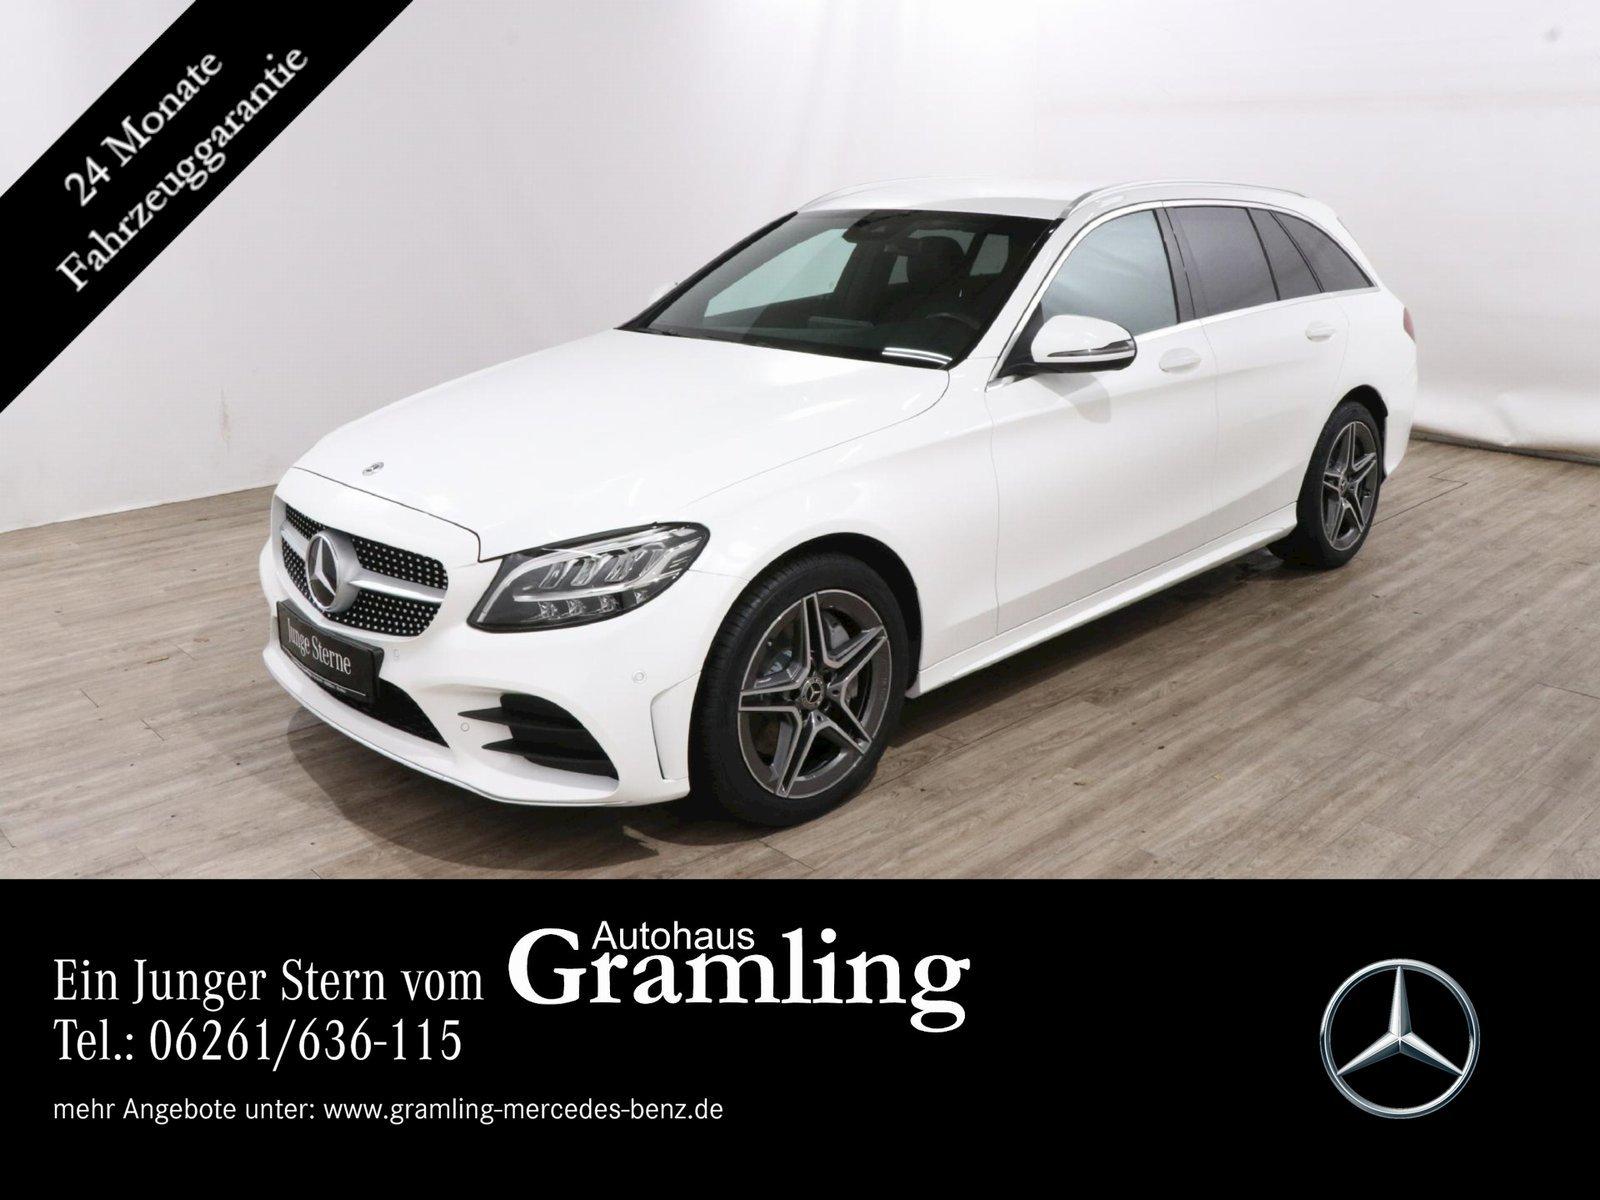 Mercedes-Benz C 300 dT AMG Leder*Navi*LED*Kamera*AHK*Sitzklima, Jahr 2019, Diesel